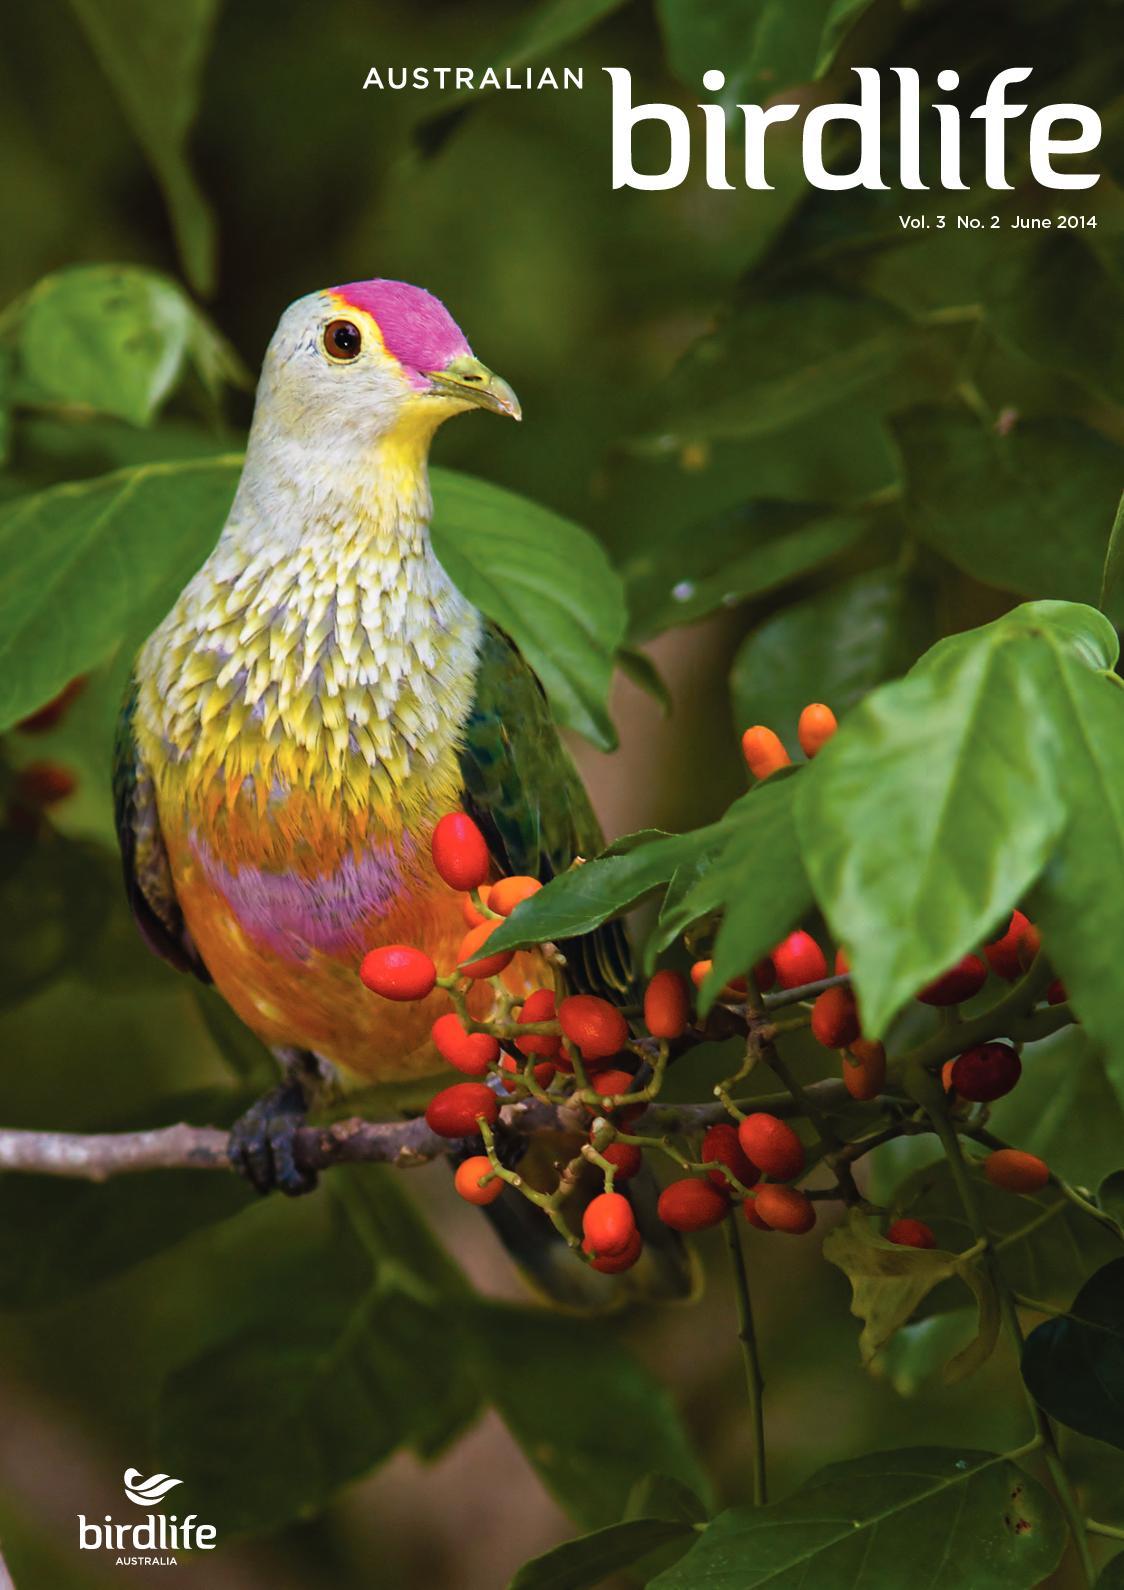 NON RSPB #4 BIRD PIN BADGE